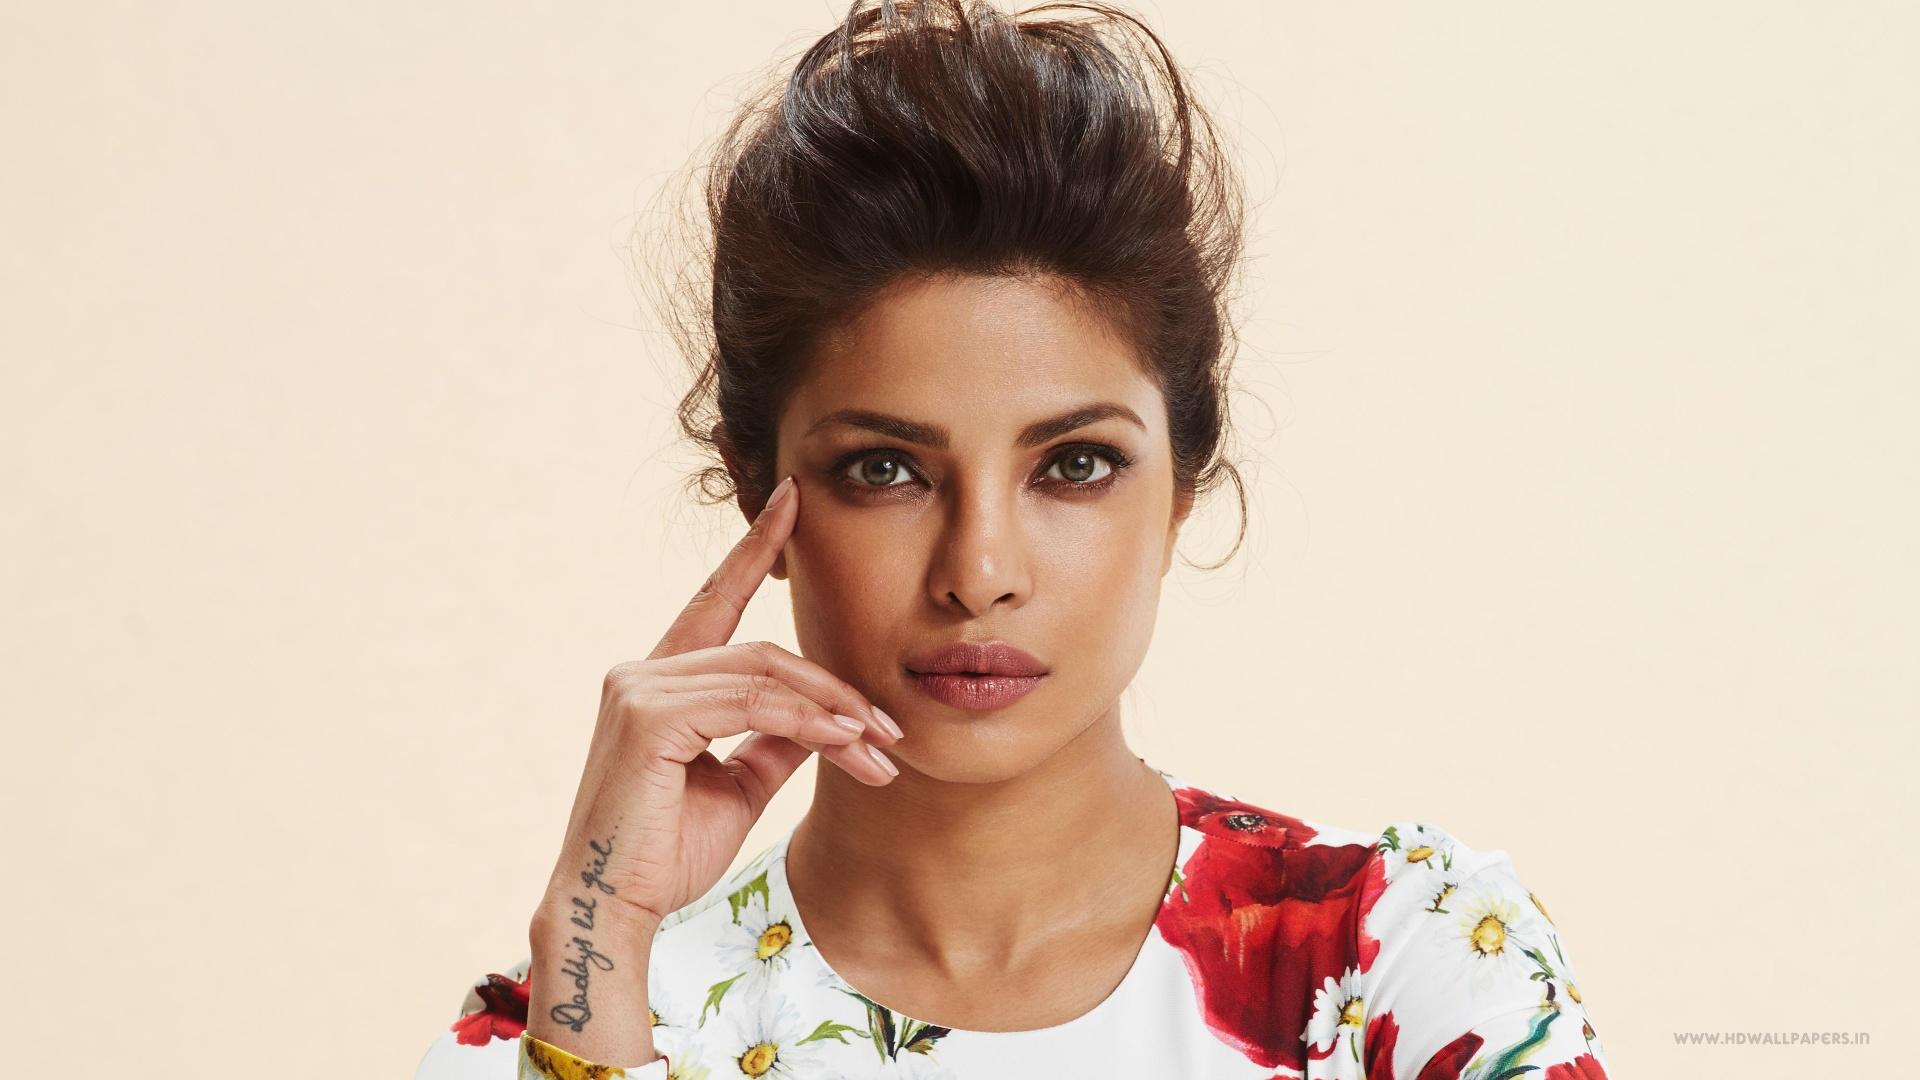 Priyanka Chopra   Indian Actresses Wallpaper 39834293 1920x1080